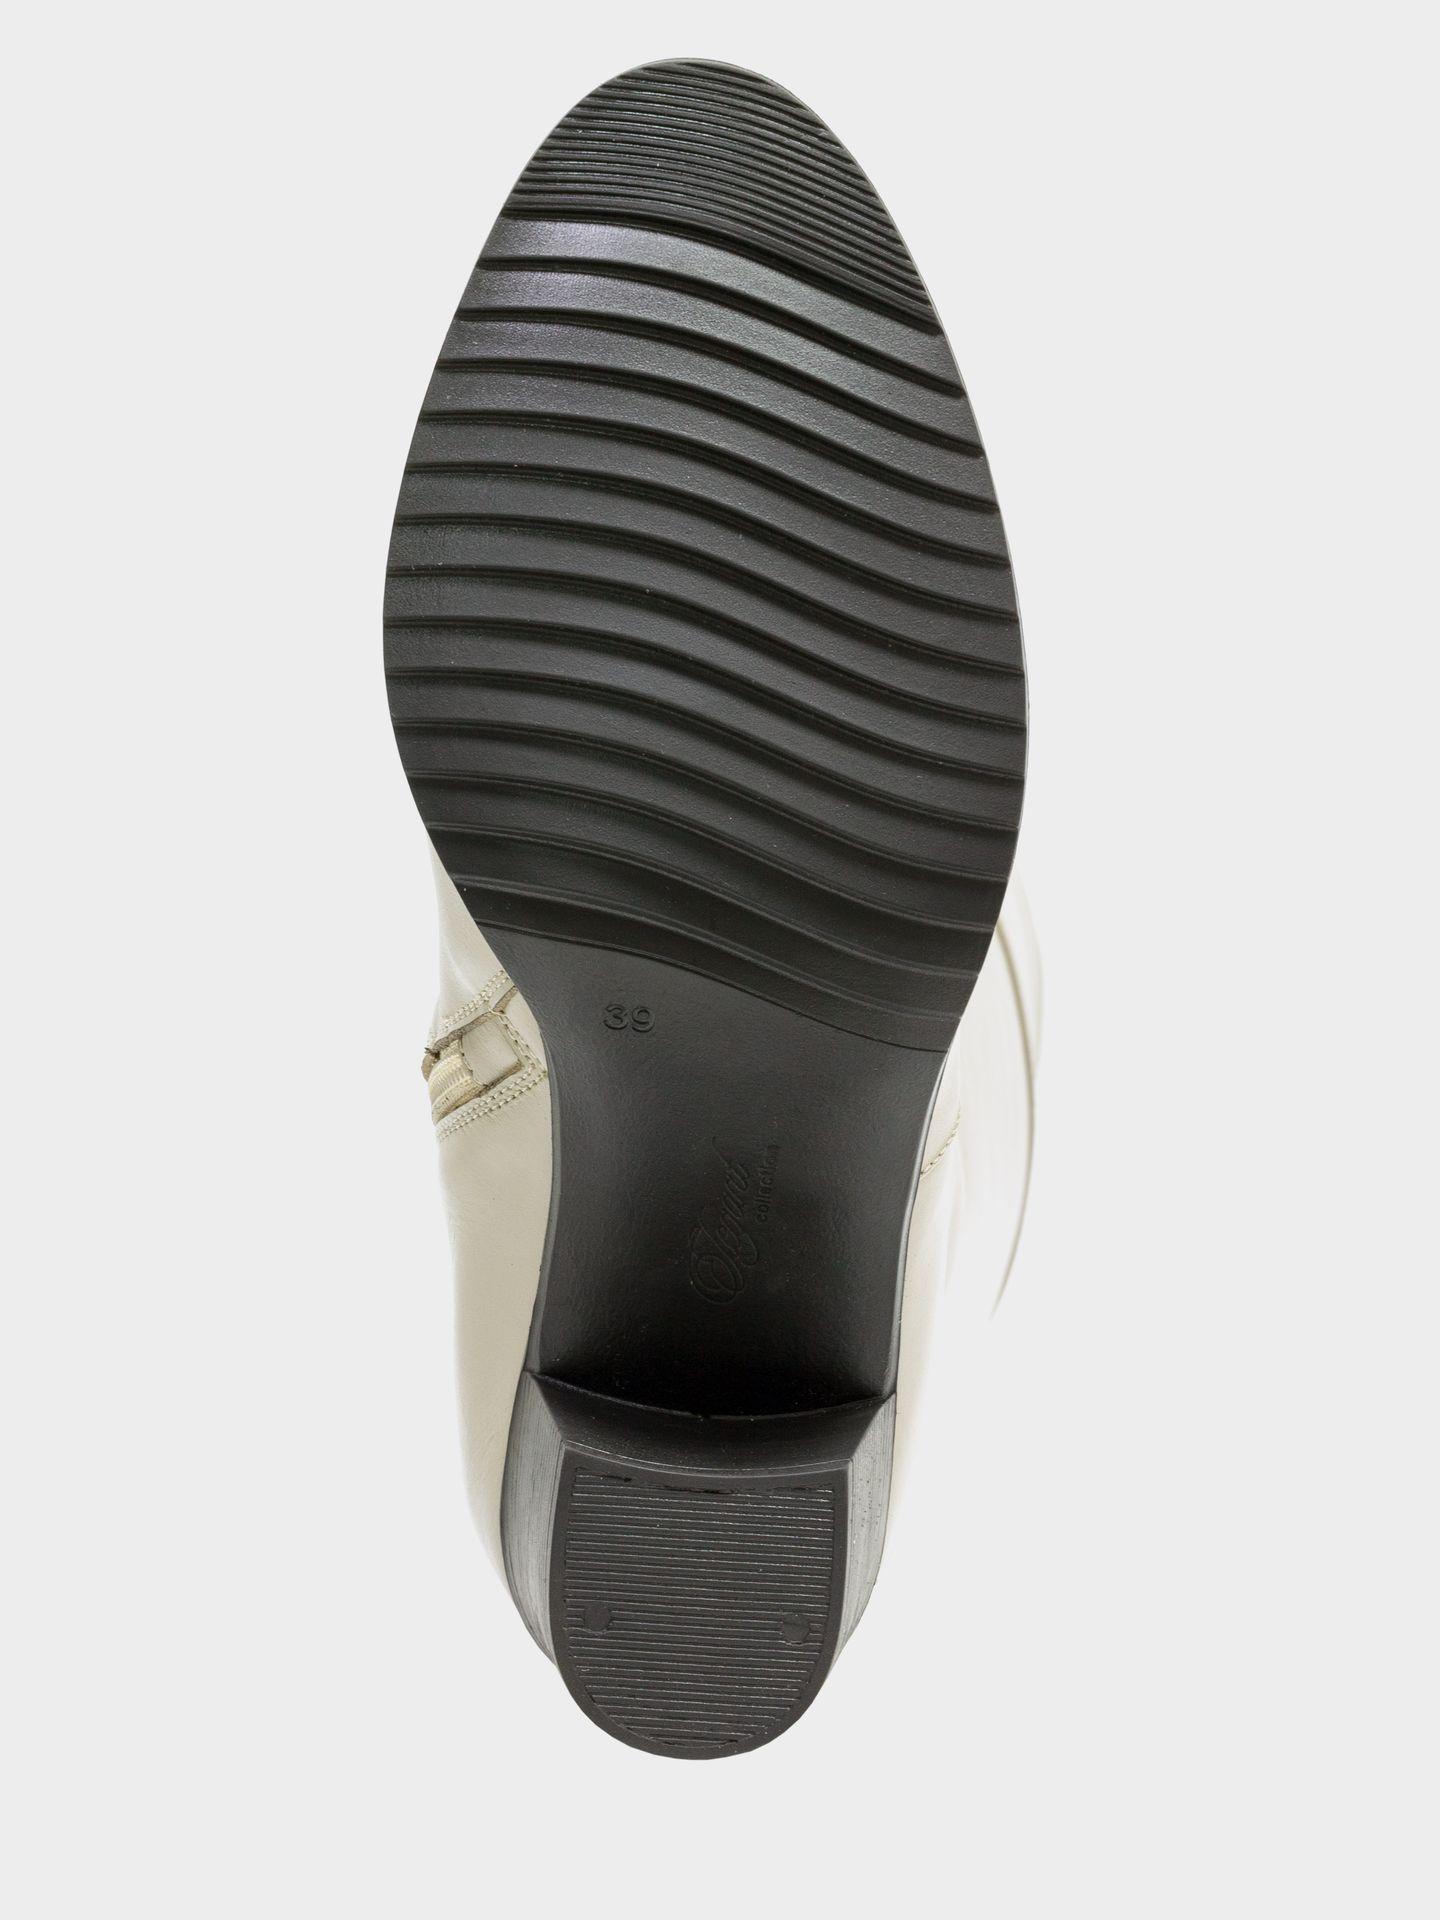 Сапоги для женщин Gino Figini GF-123-12 купить обувь, 2017